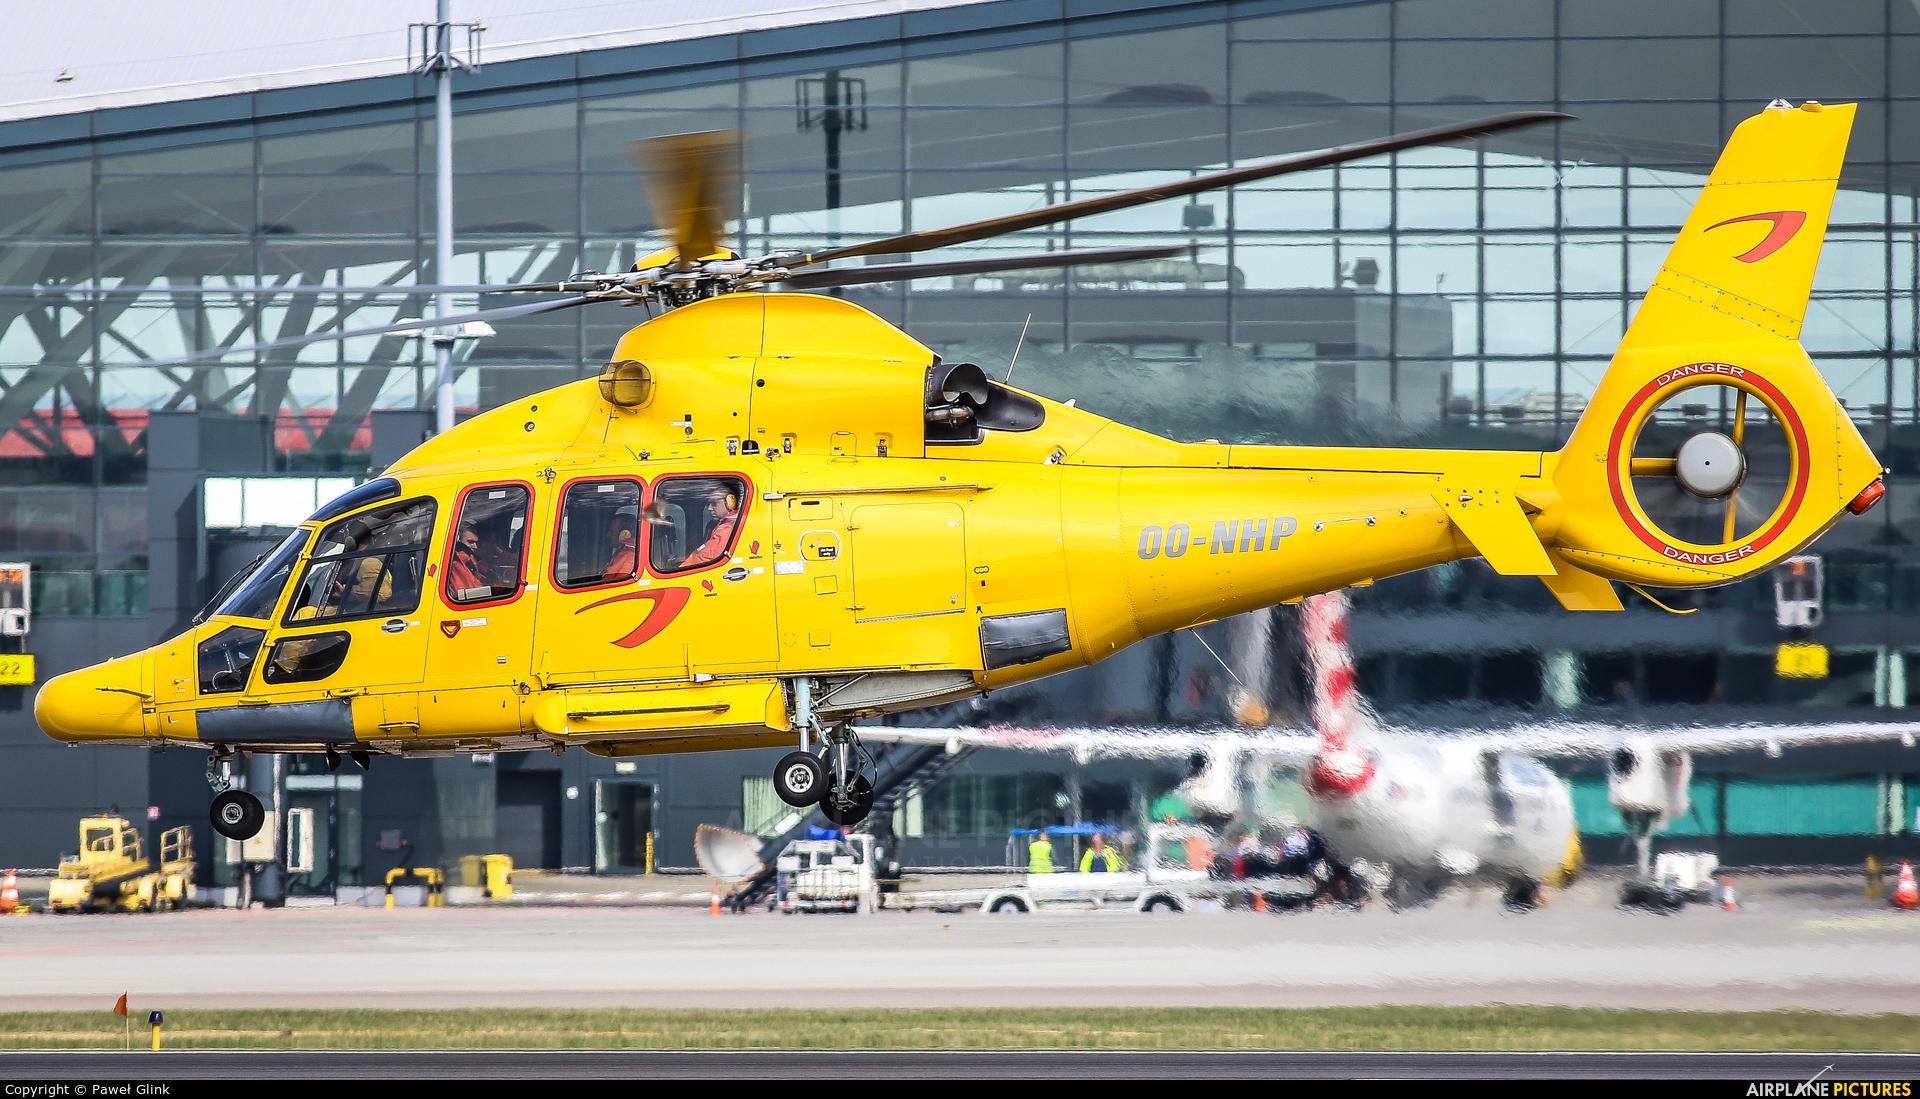 NHV - Noordzee Helikopters Vlaanderen OO-NHP aircraft at Gdańsk - Lech Wałęsa